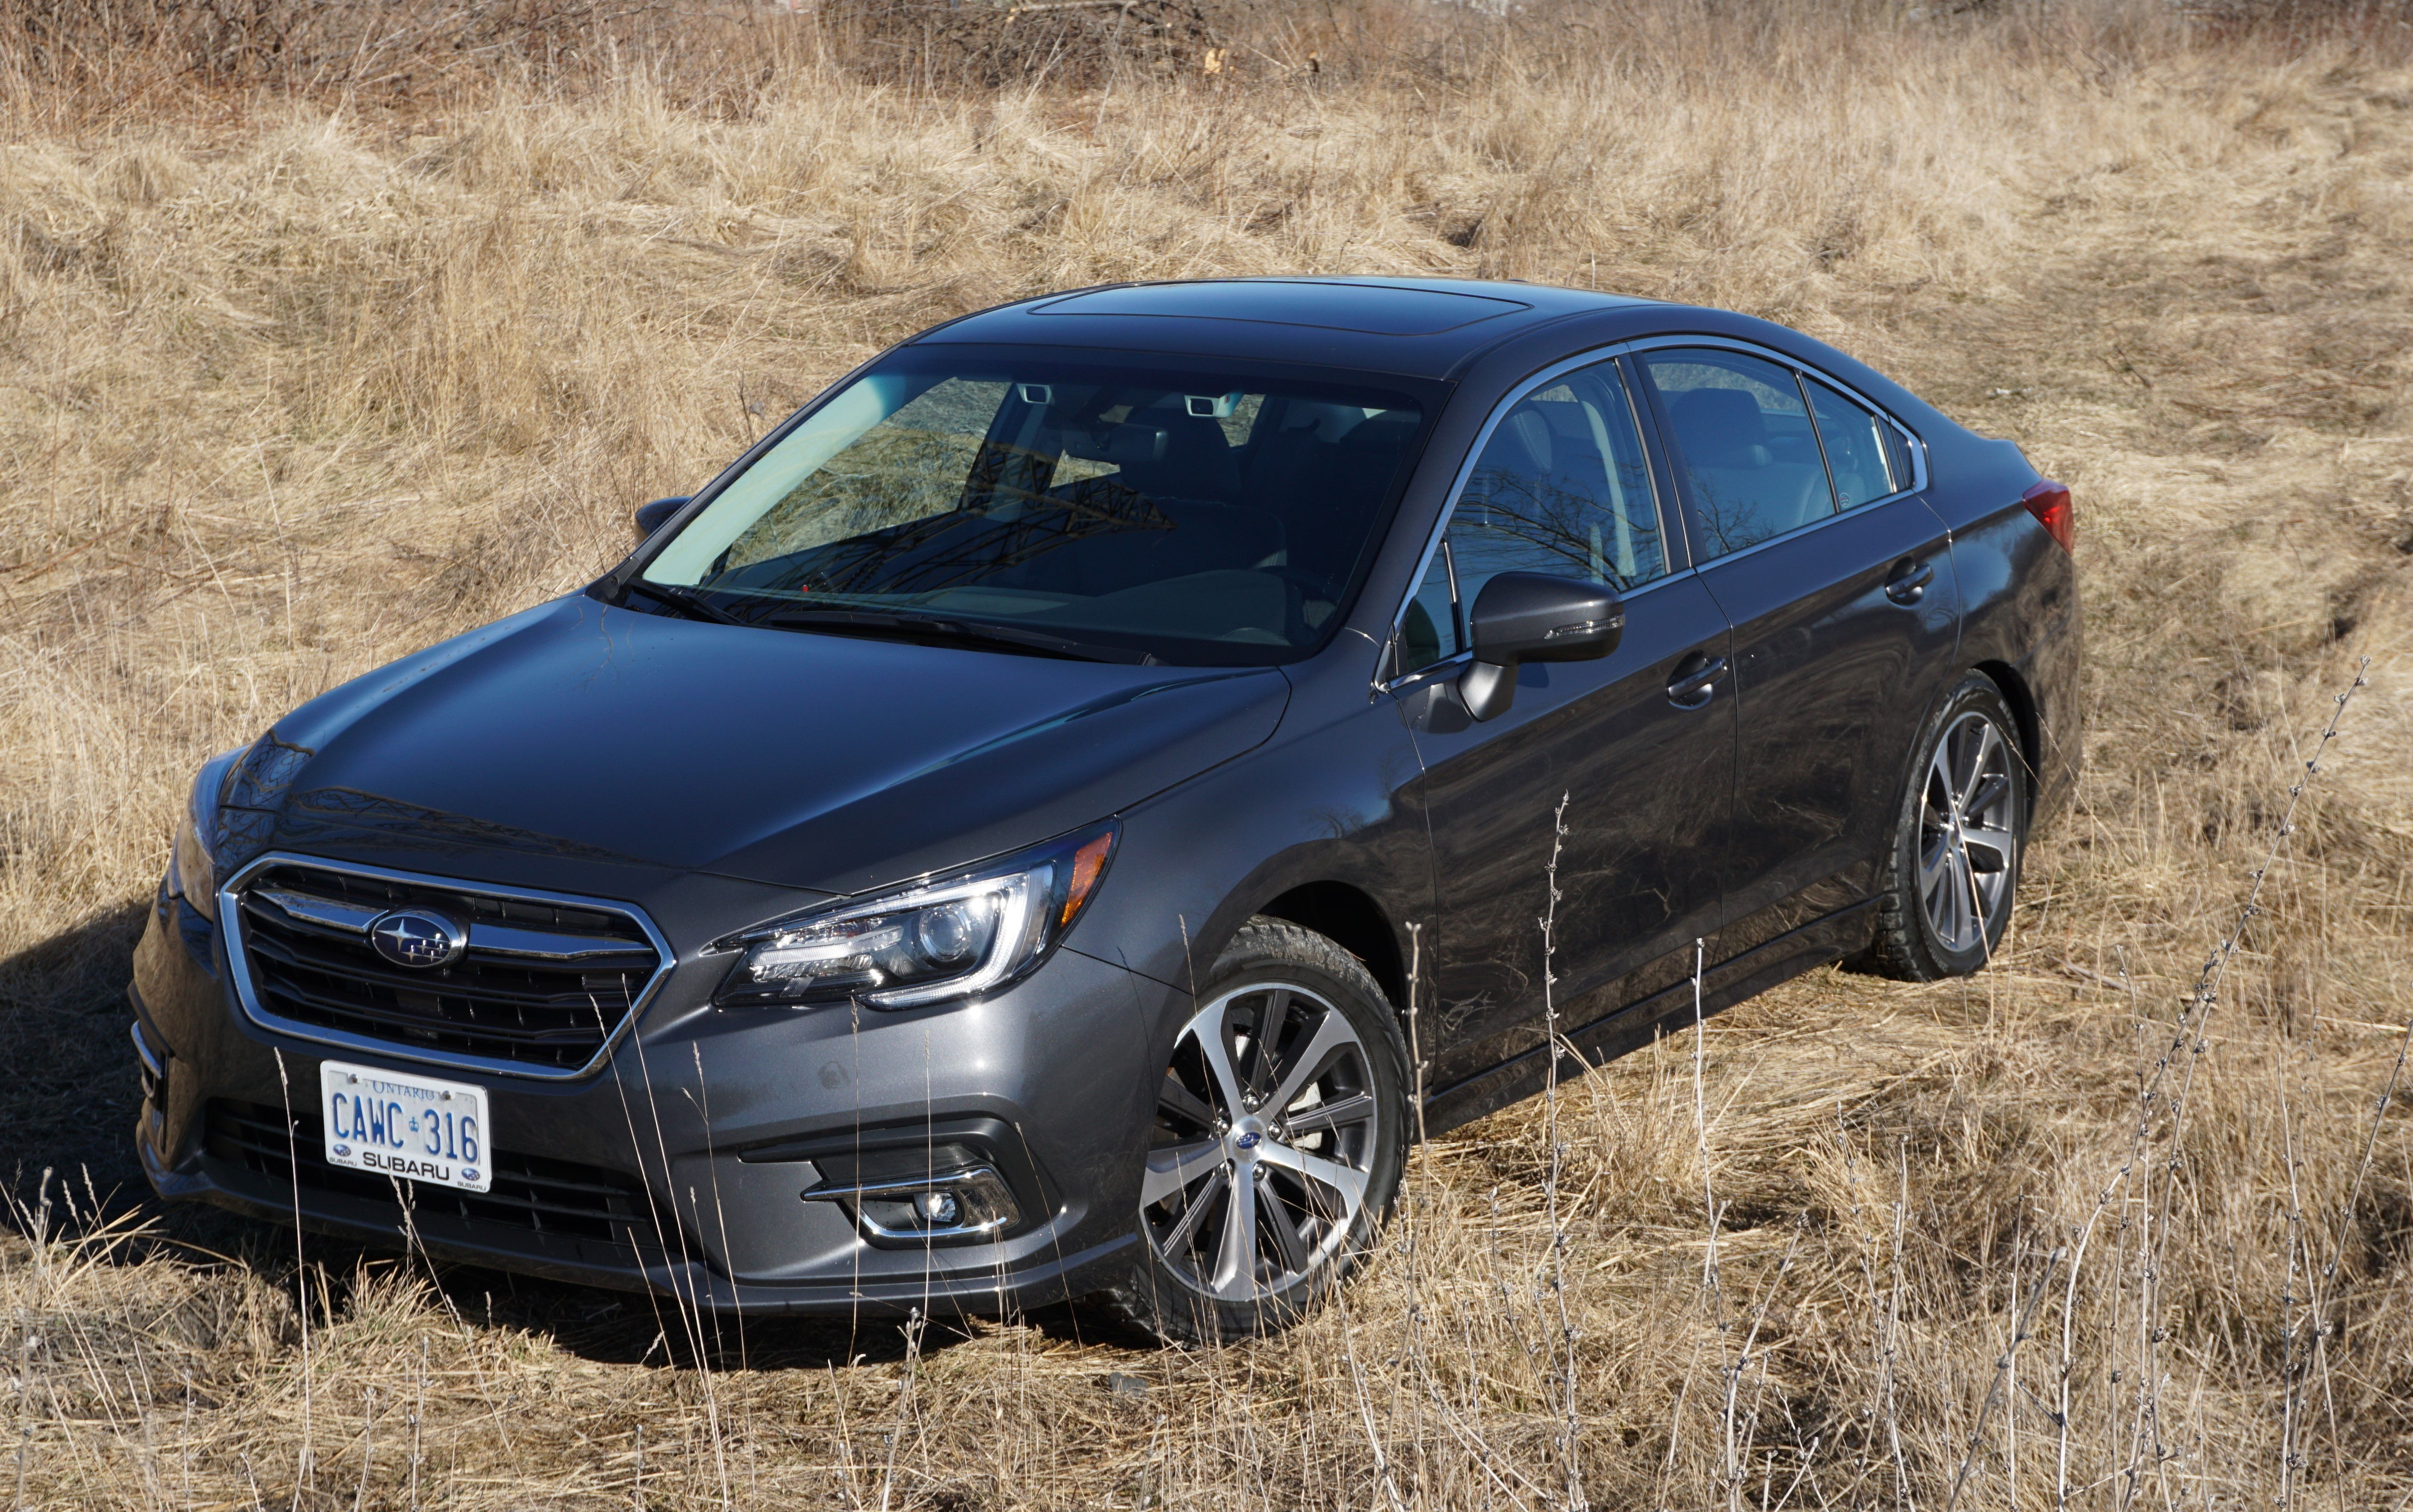 Subaru Legacy 3.6 R >> Review 2018 Subaru Legacy 3 6r Limited Is An All Round Good Sedan